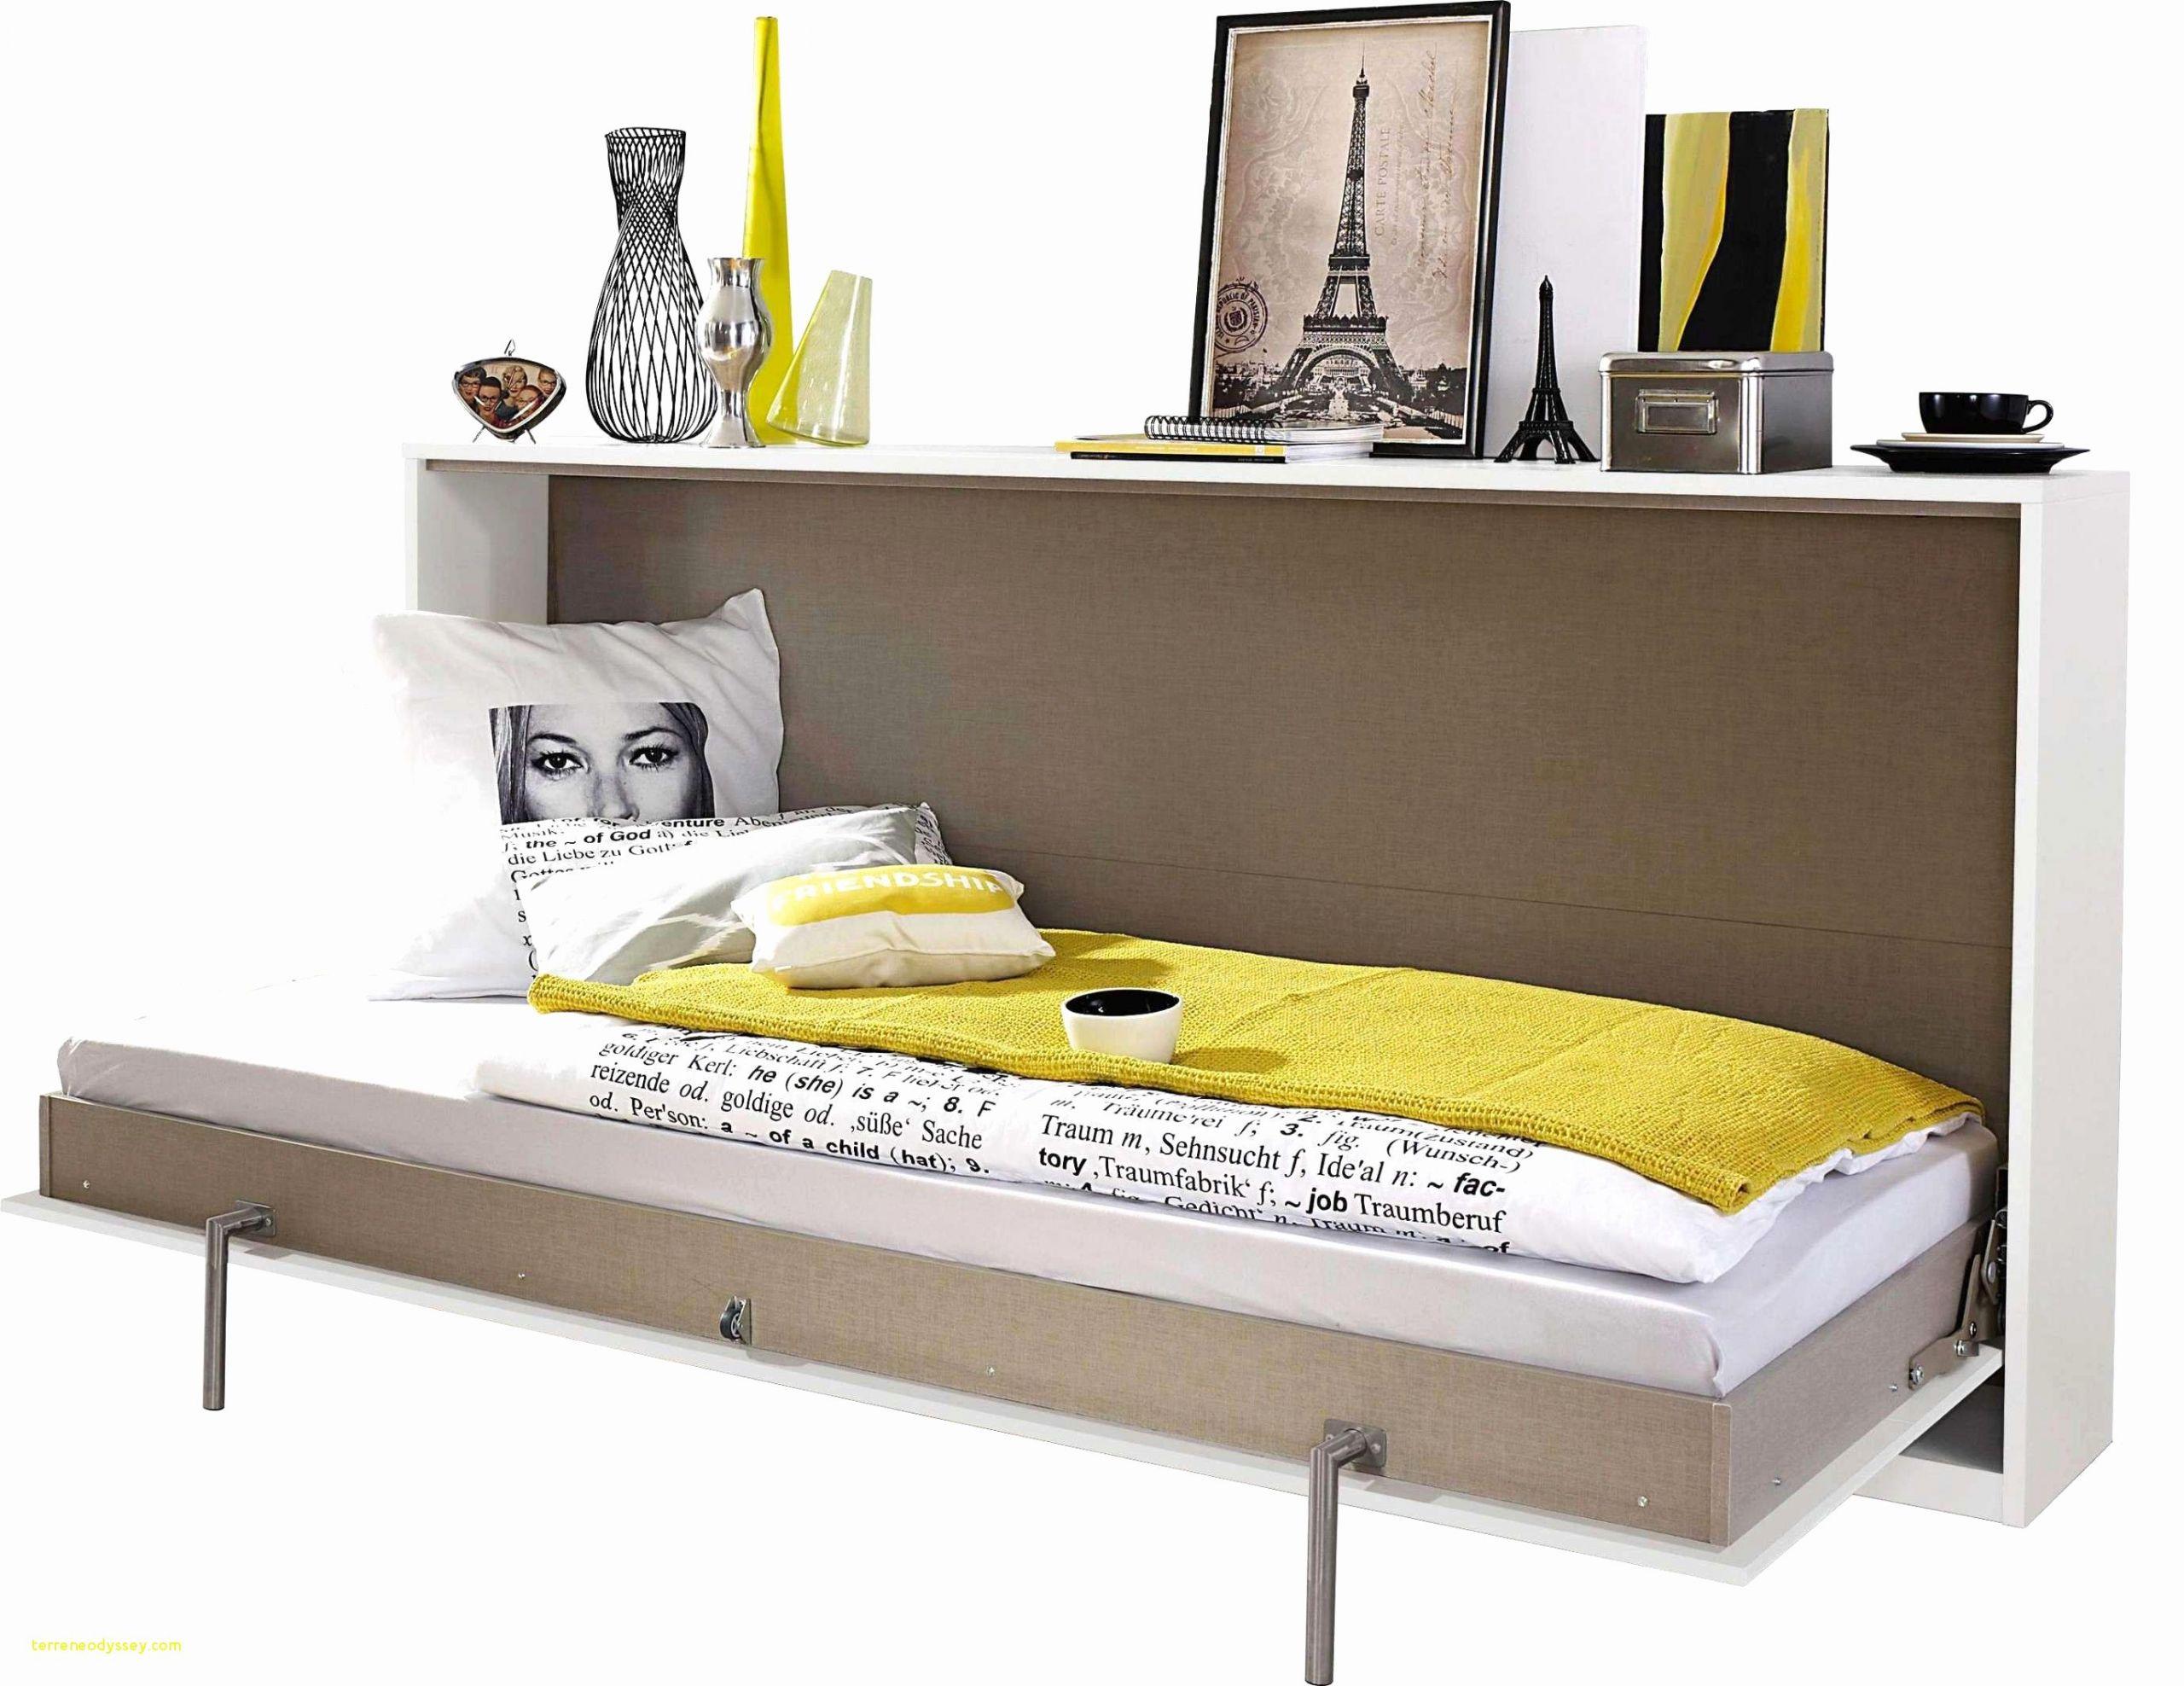 salon de jardin bas leclerc charmant baignoire sur pied lit poupon leclerc de salon de jardin bas leclerc scaled